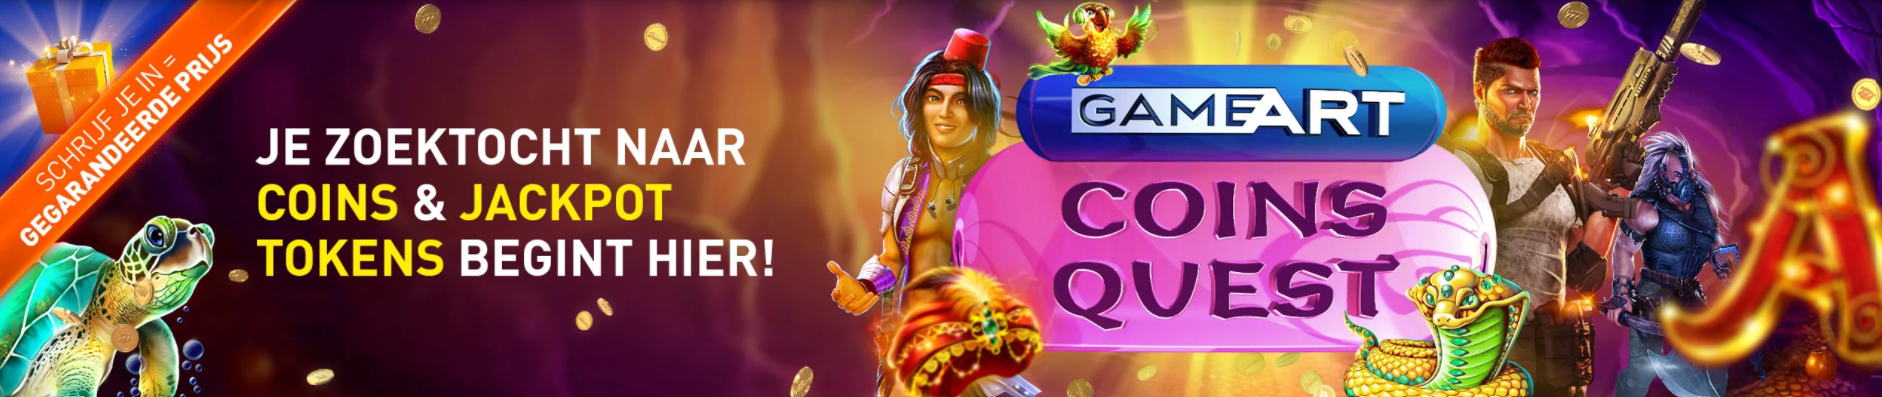 GameArt Coins Quest gegarandeerd prijs online Casino 777 Weekendtoernooi Gratis Tokens Jackpot 2021